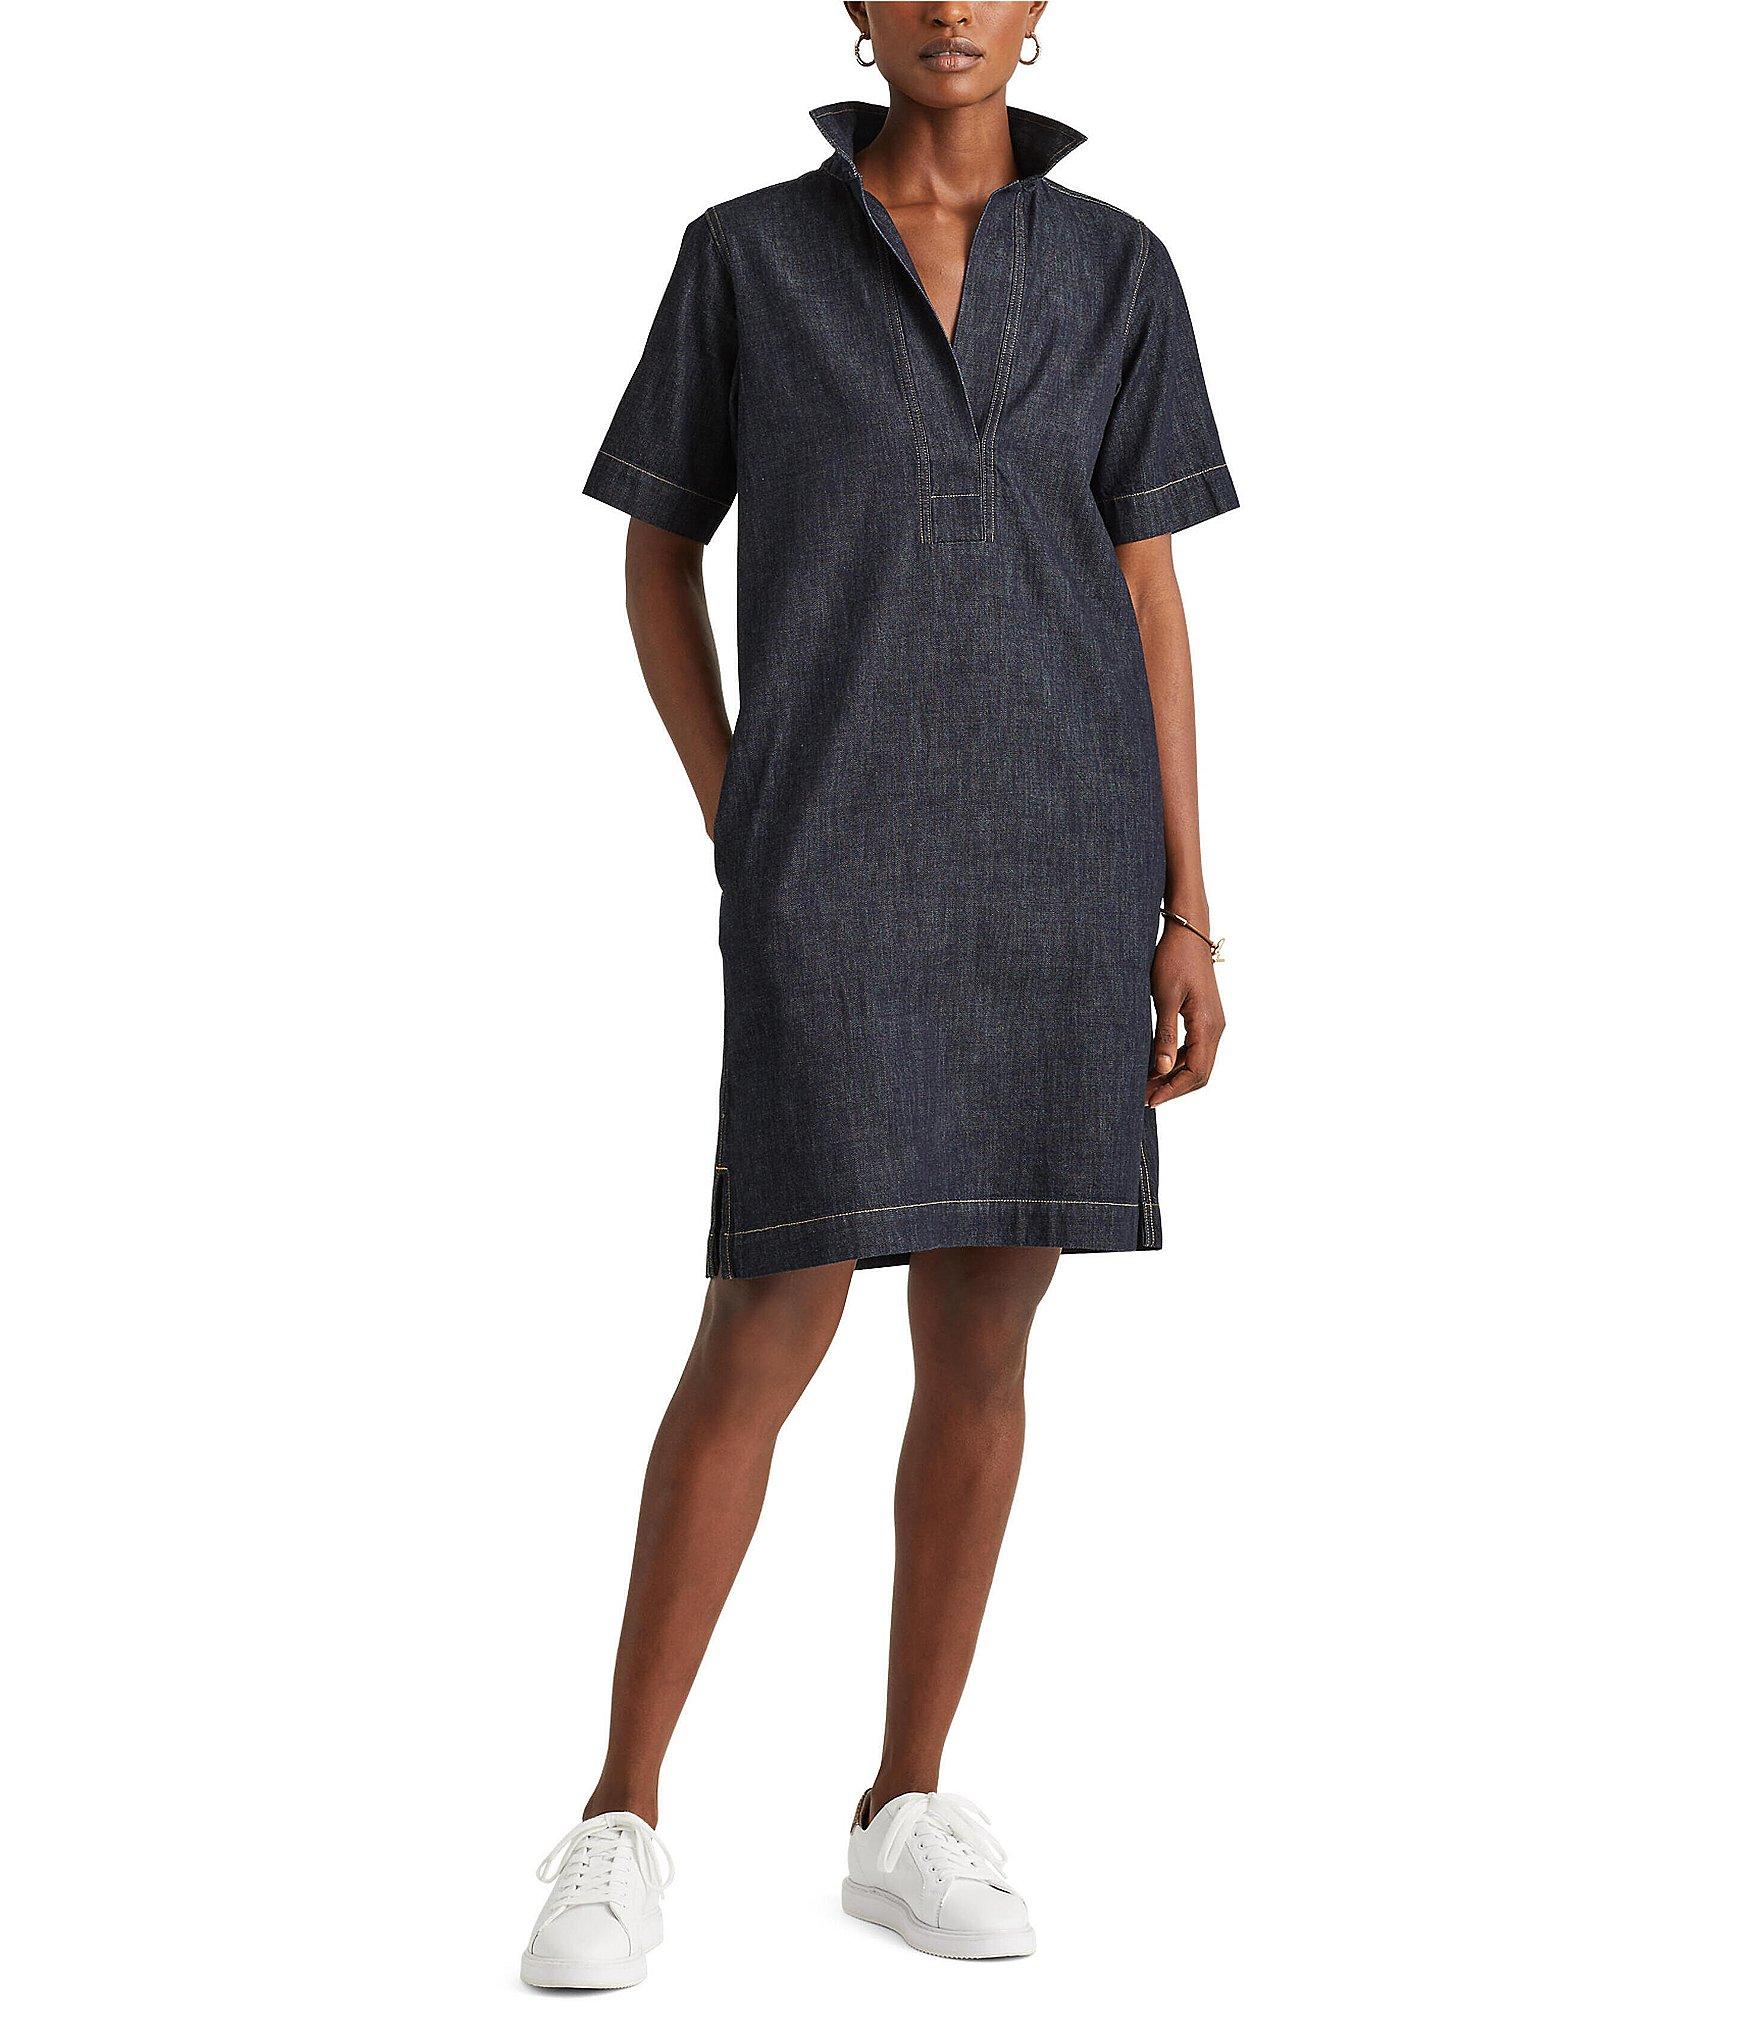 good service excellent quality a few days away Lauren Ralph Lauren Denim Shift Dress | Dillard's